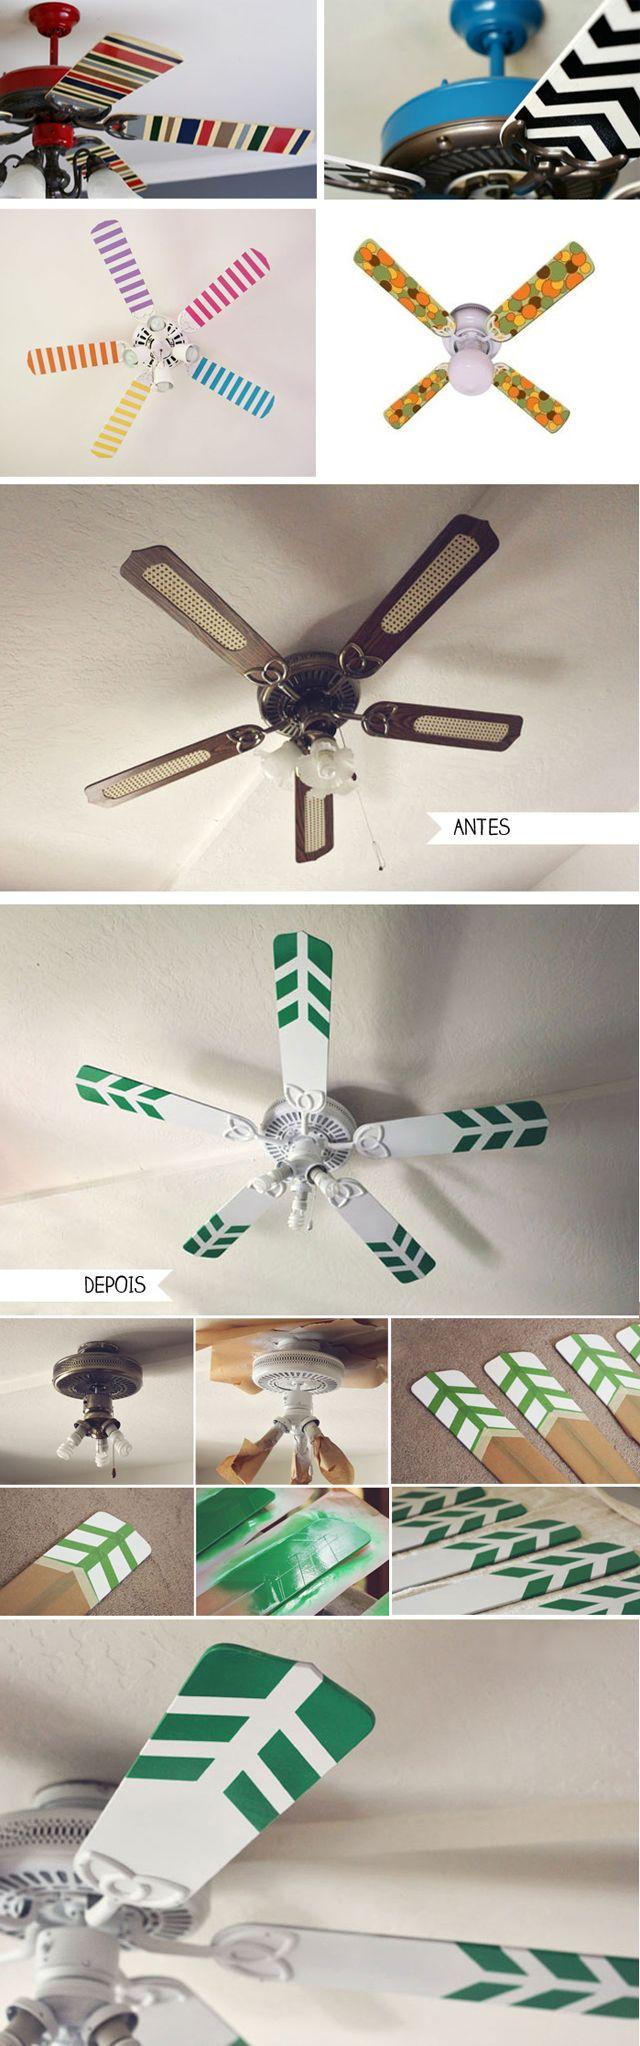 Reforma no ventilador!